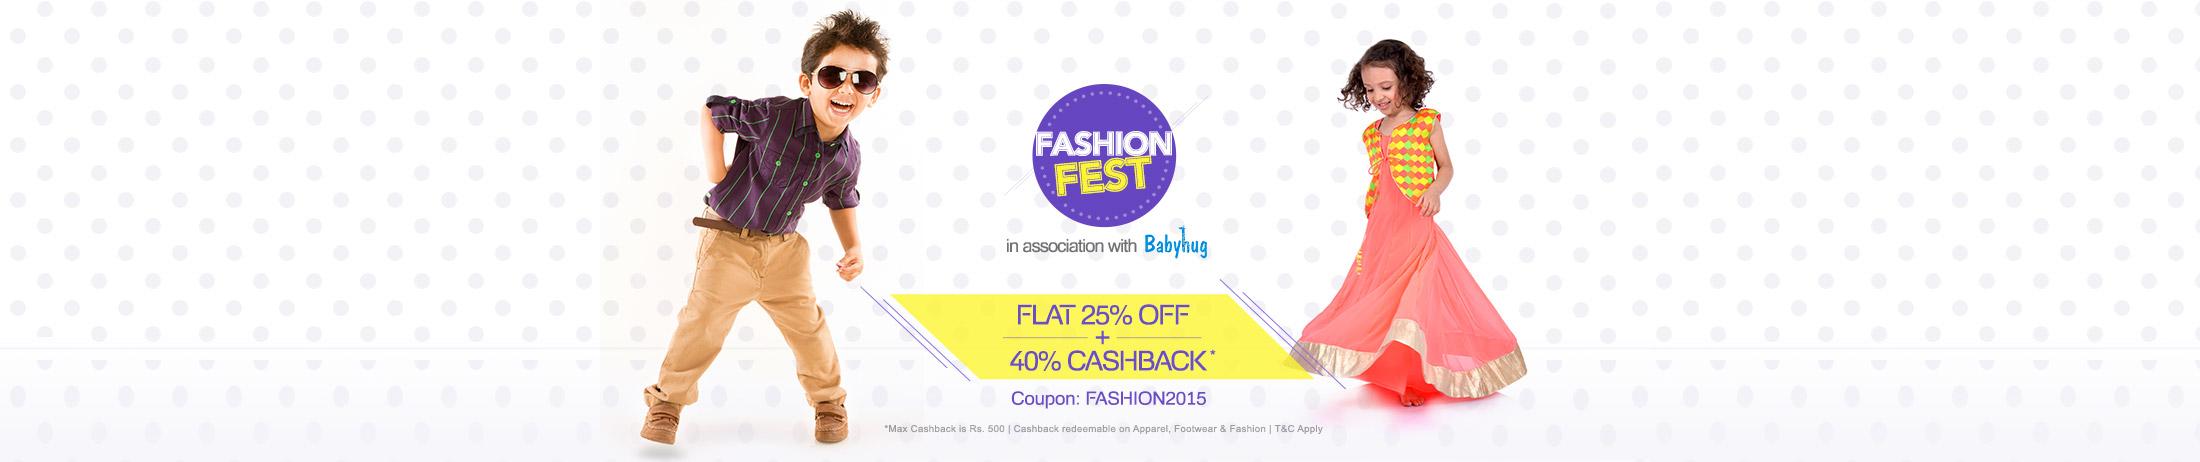 Flat 25% OFF + 40% Cashback* | Coupon: FASHION2015